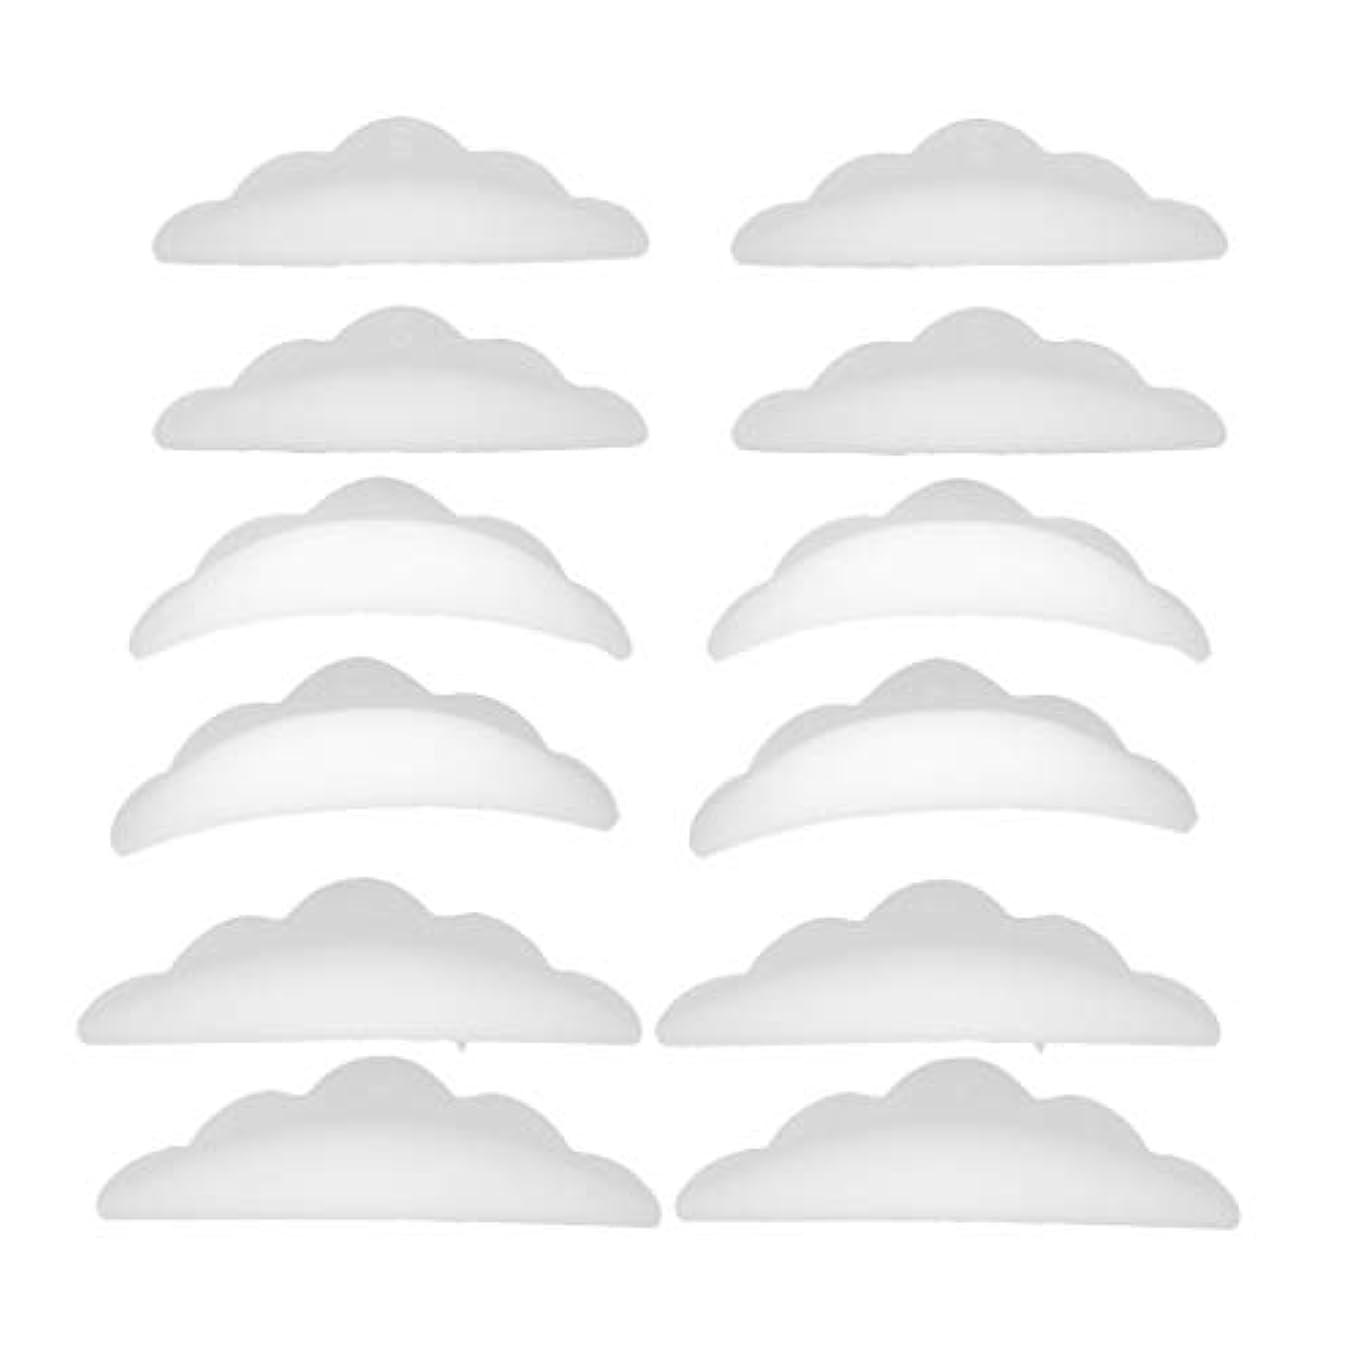 減衰シングル柔らかさまつげパーマ シリコンパッド まつげパッド メイクアップアーティスト アクセサリー 約12本入り